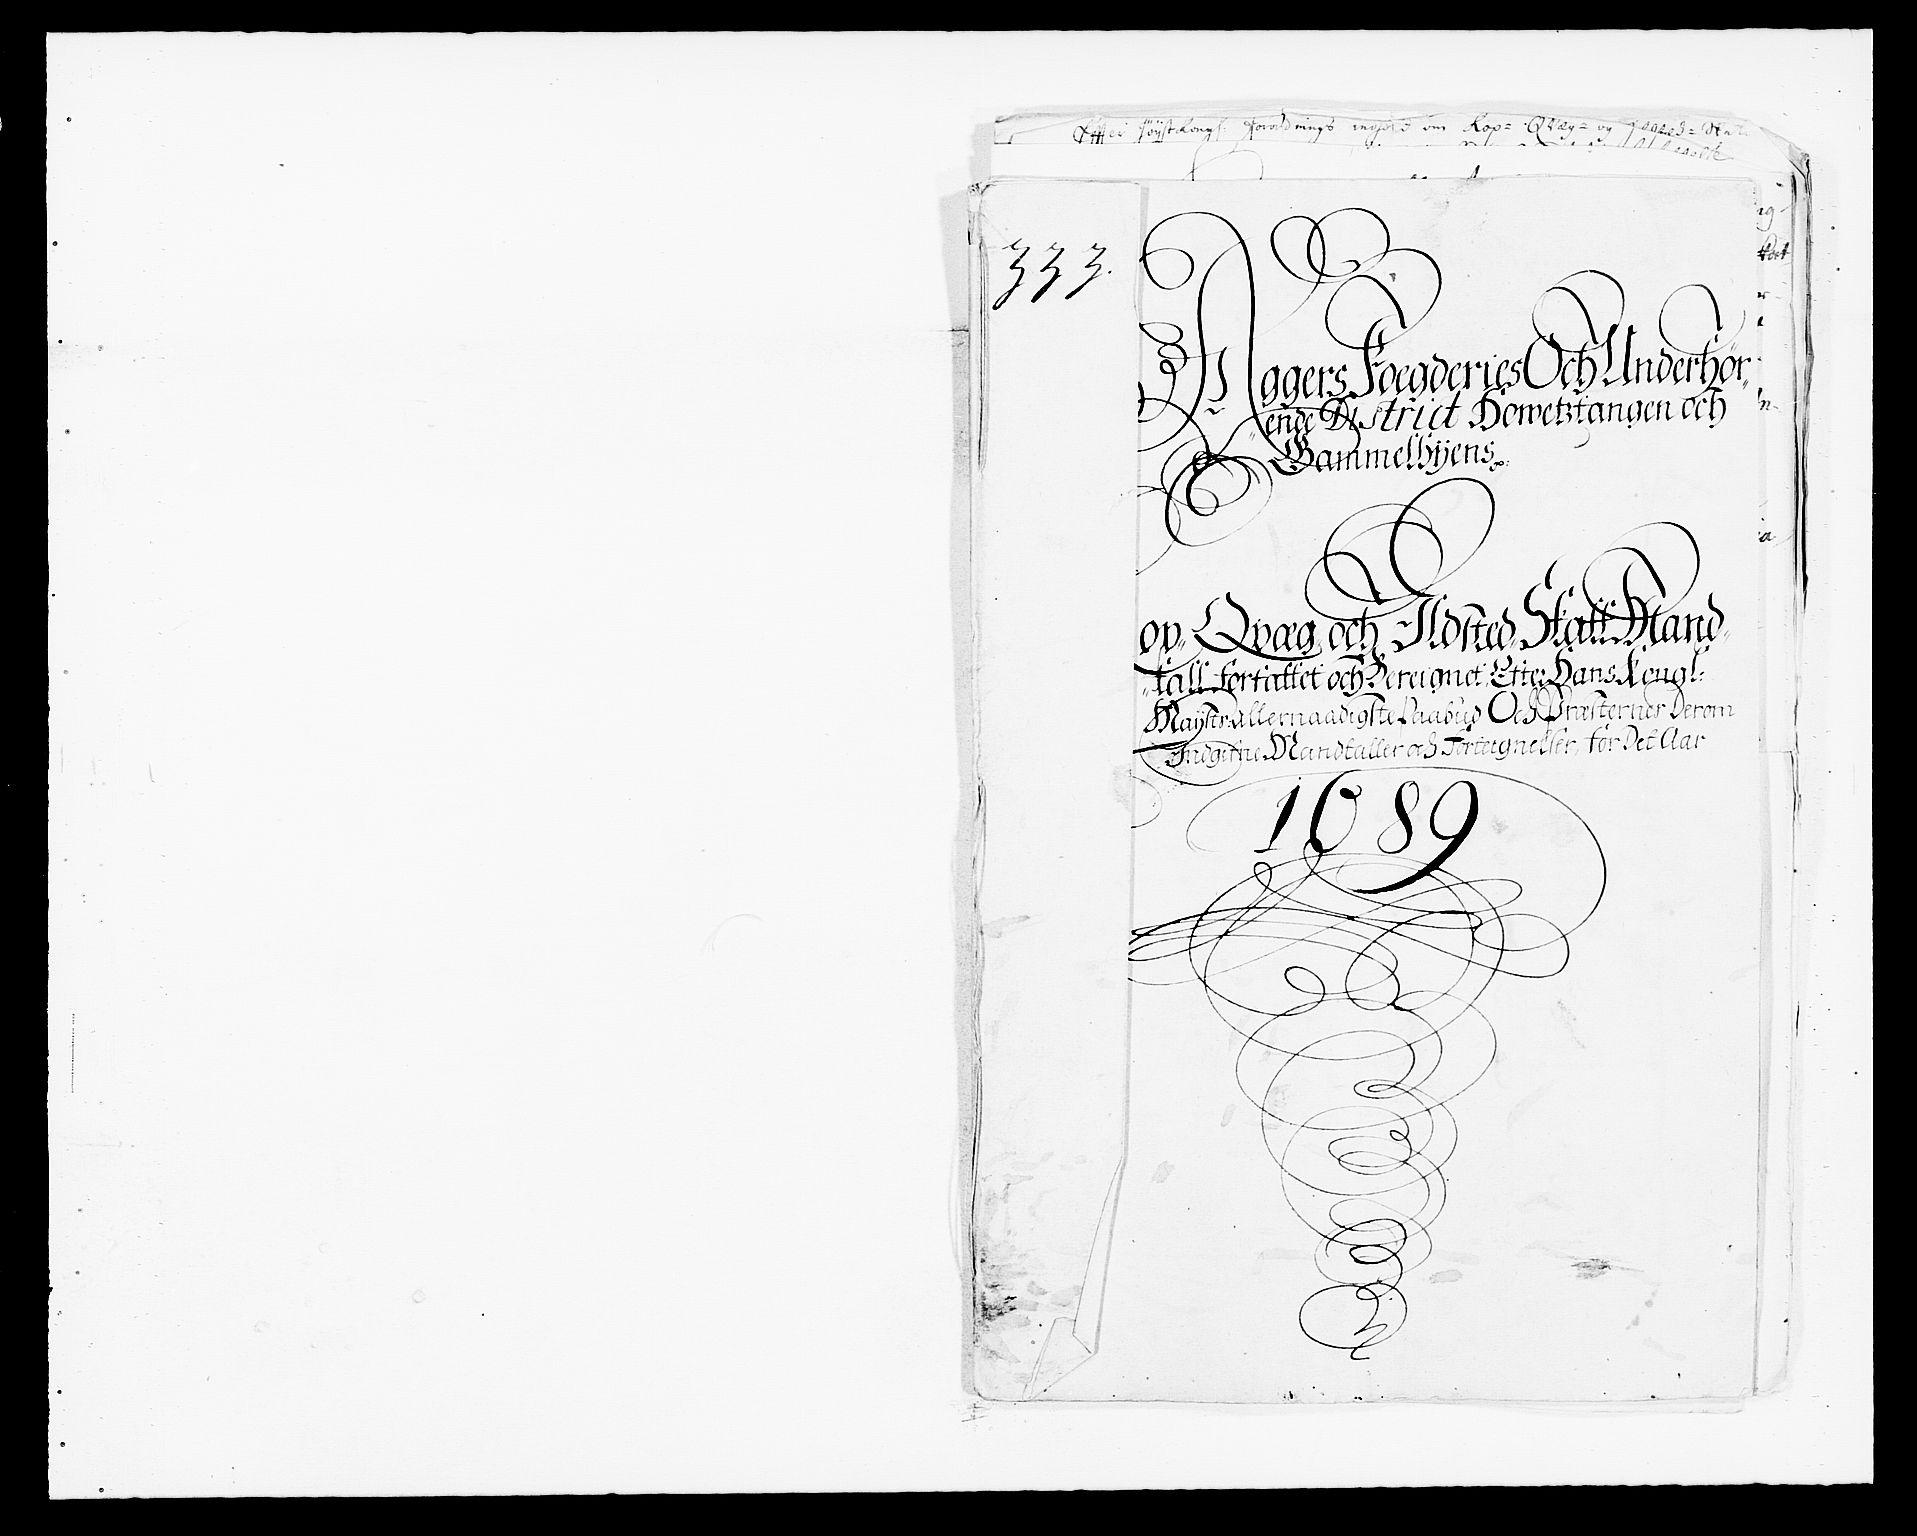 RA, Rentekammeret inntil 1814, Reviderte regnskaper, Fogderegnskap, R08/L0423: Fogderegnskap Aker, 1687-1689, s. 112